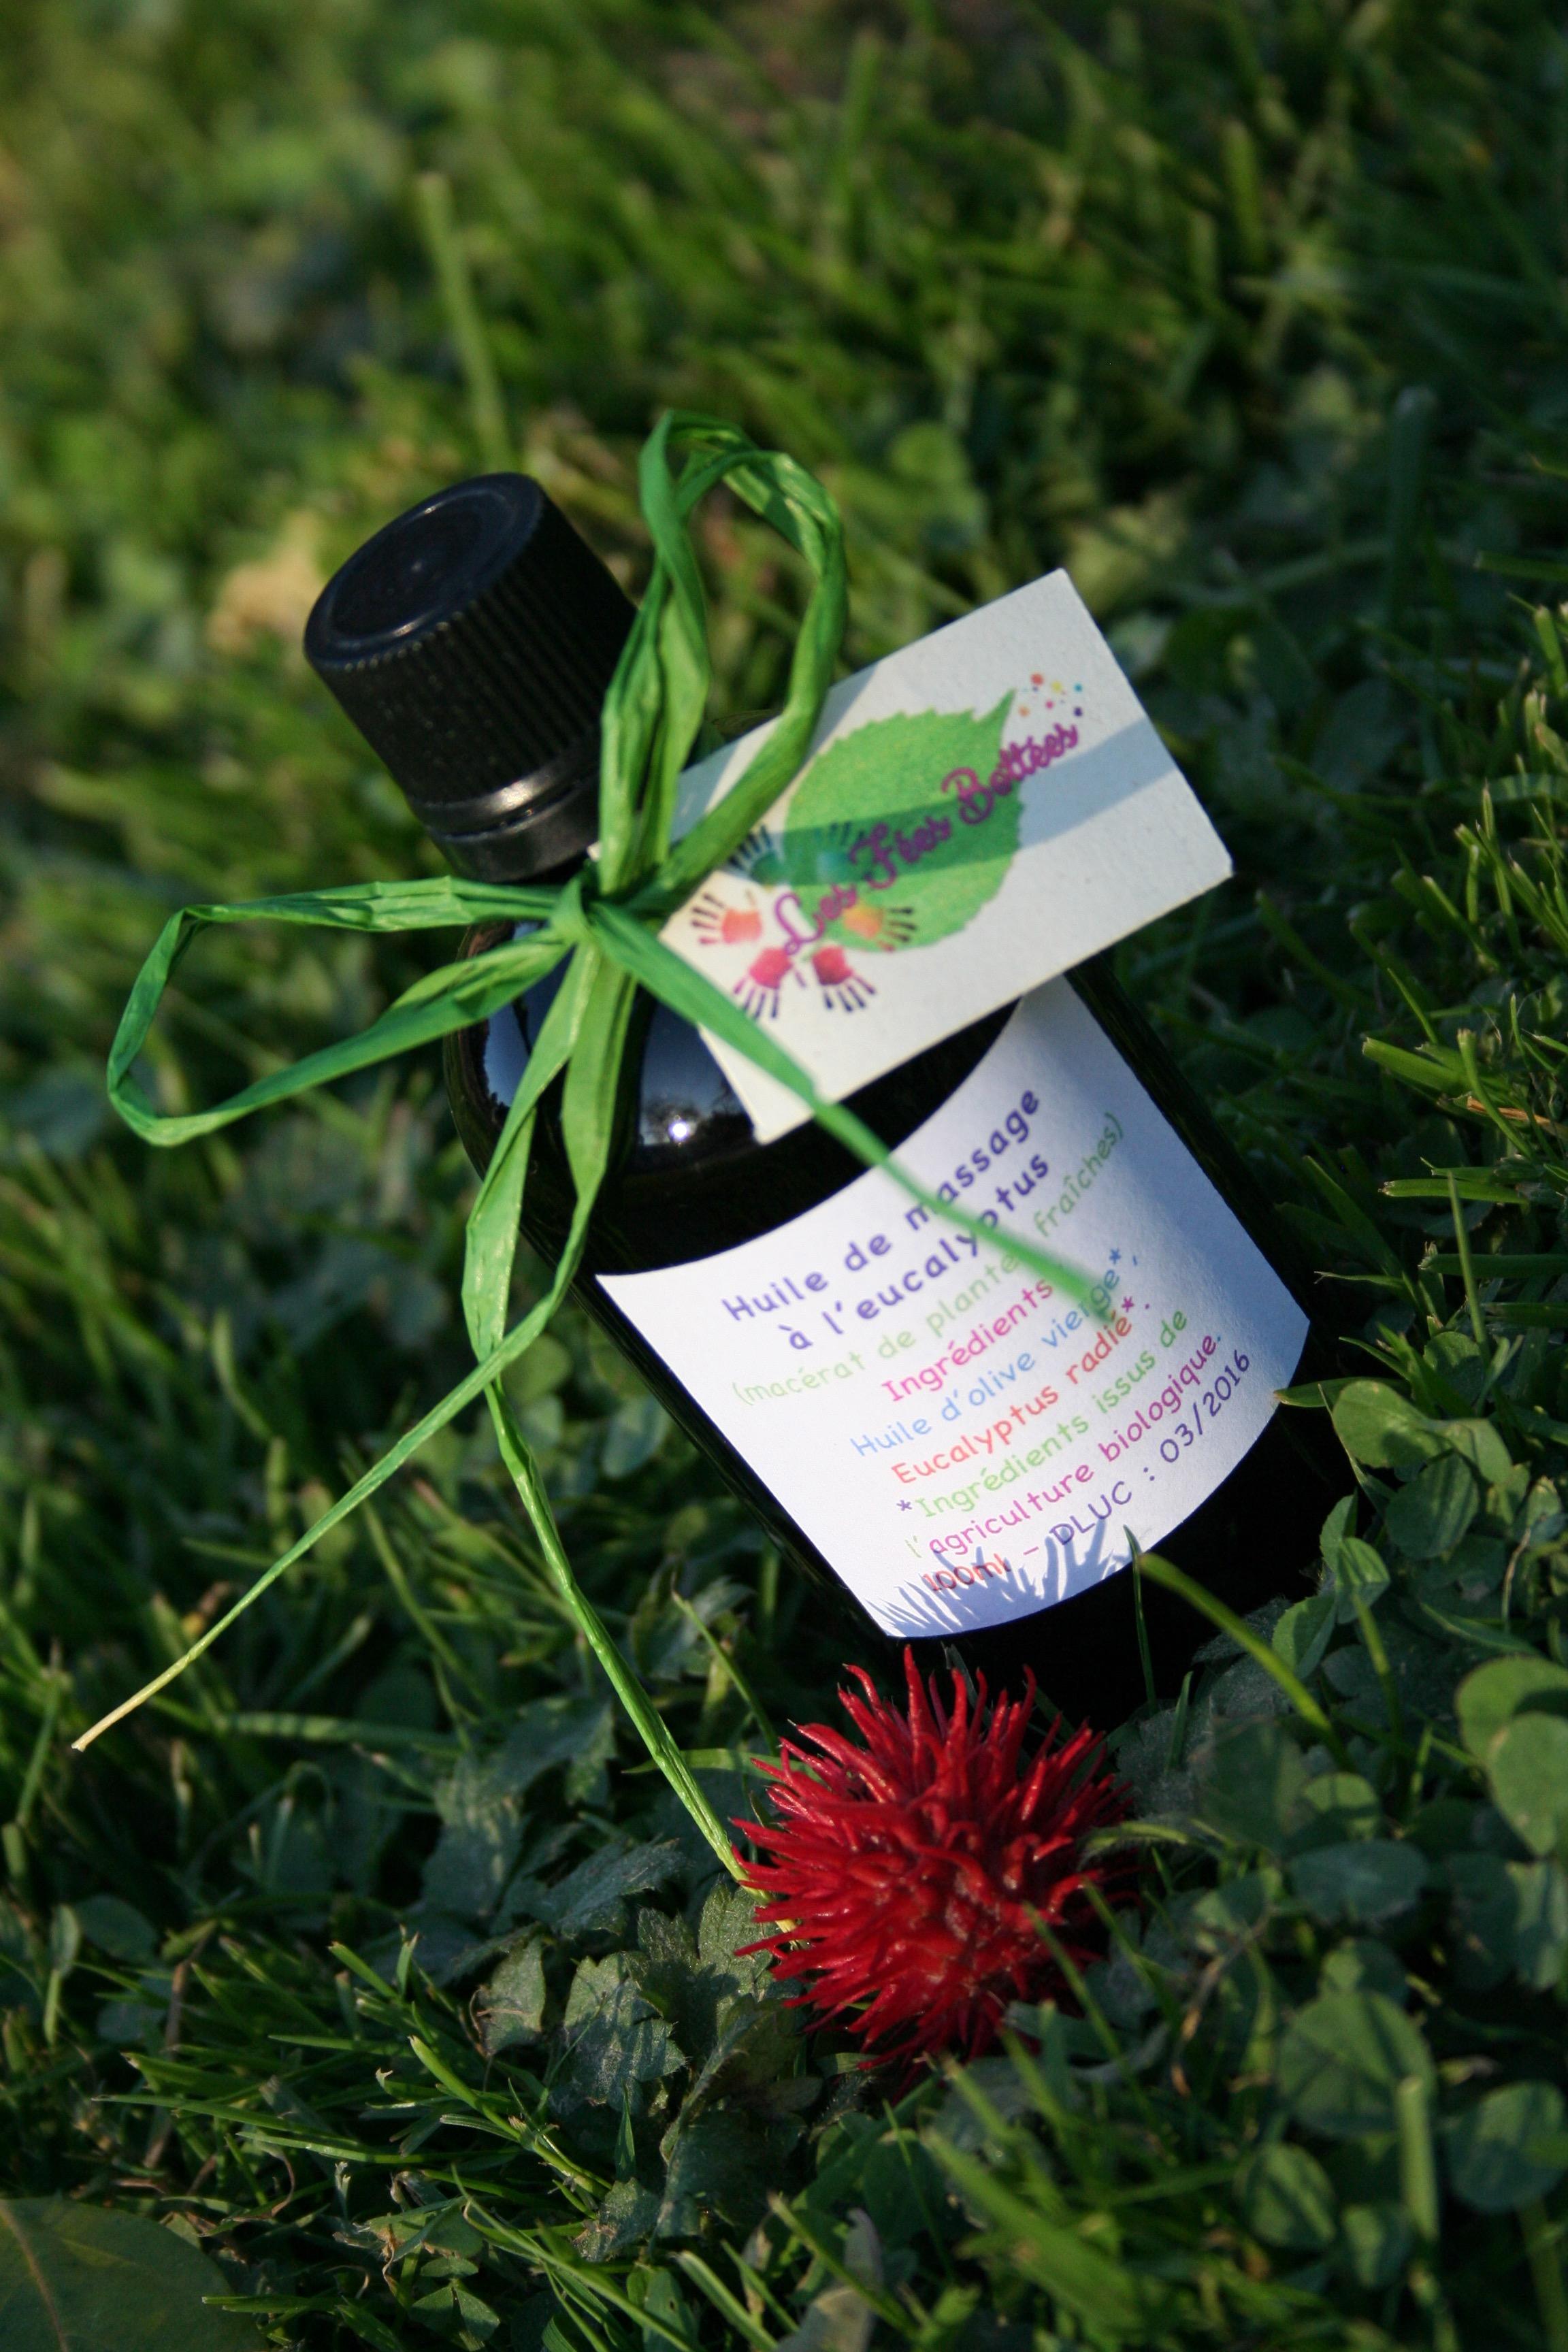 Huile massage eucalyptus radié